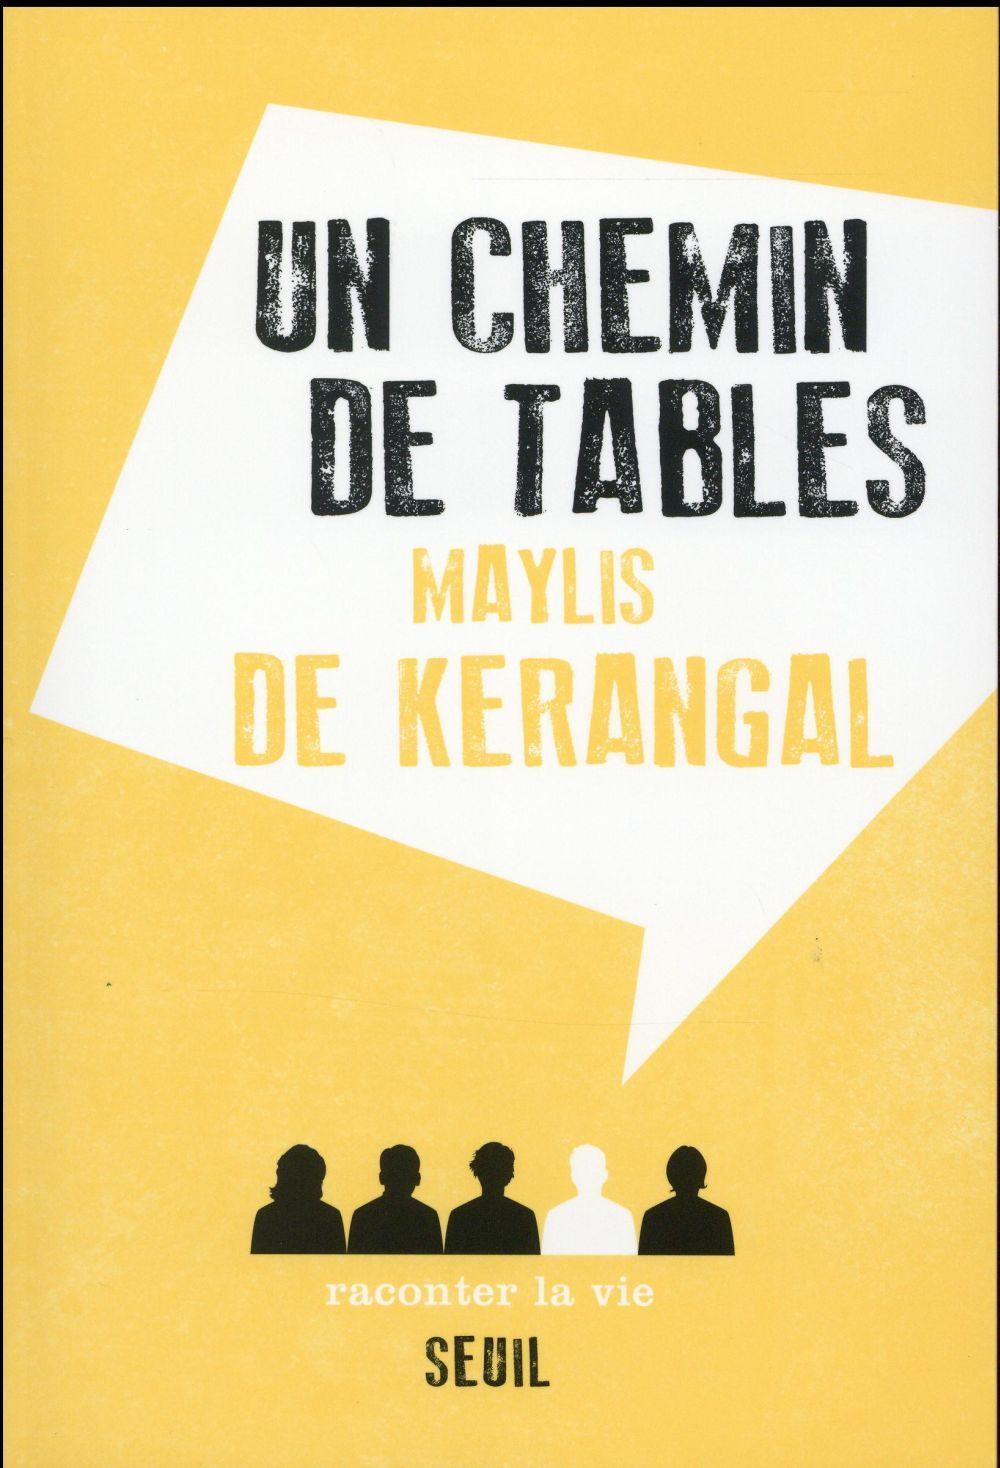 Un chemin de tables maylis de kerangal livre france - Un chemin de table ...